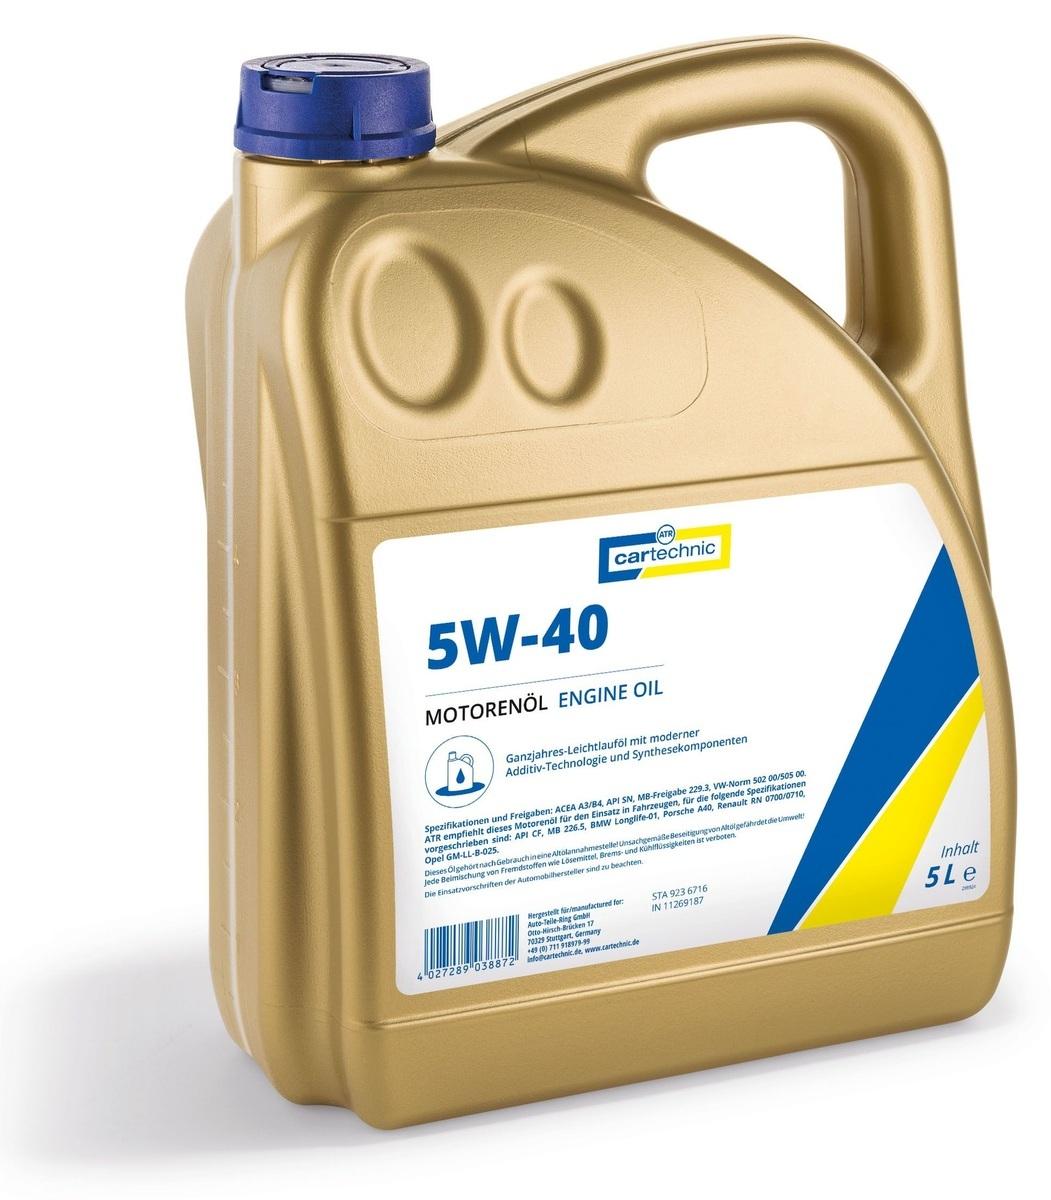 Motorový olej 5W-40, 5 litrů - Cartechnic